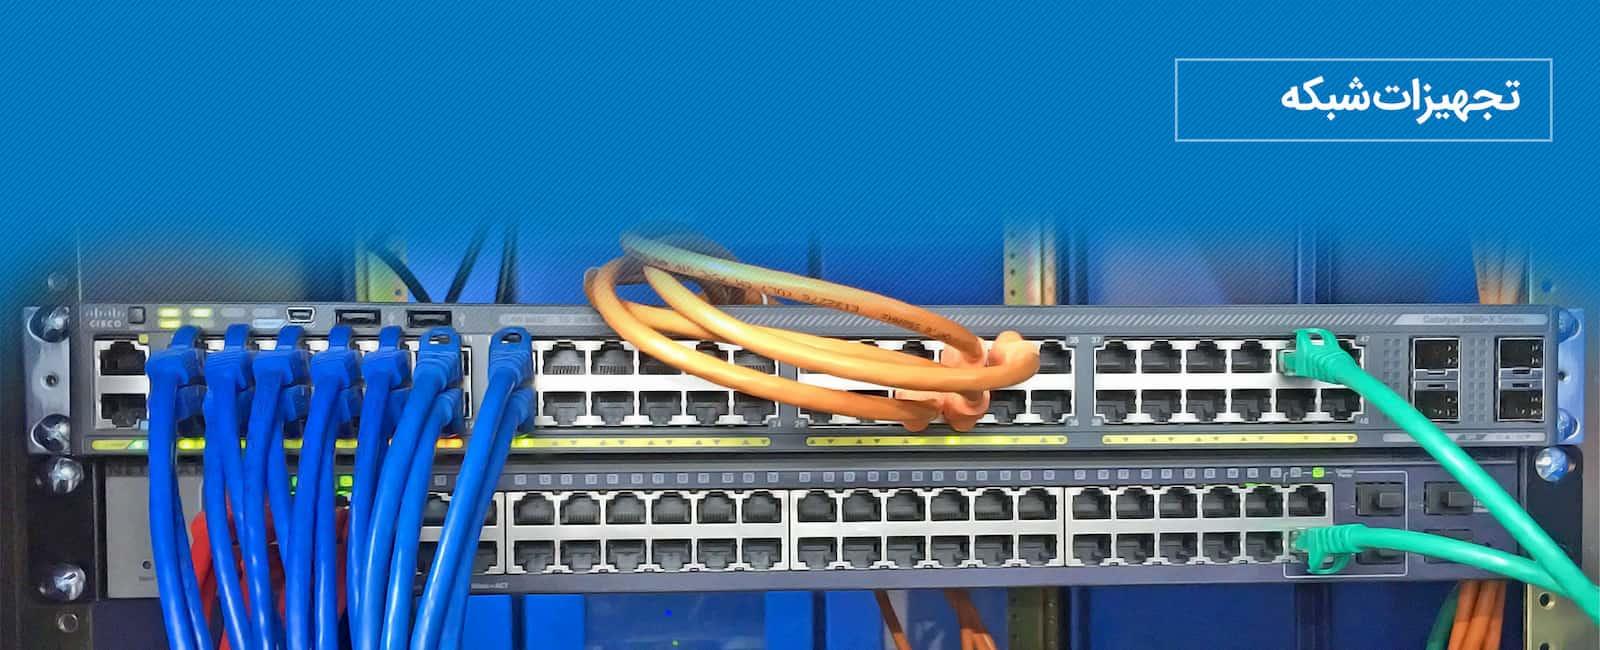 تجهیزات-شبکه